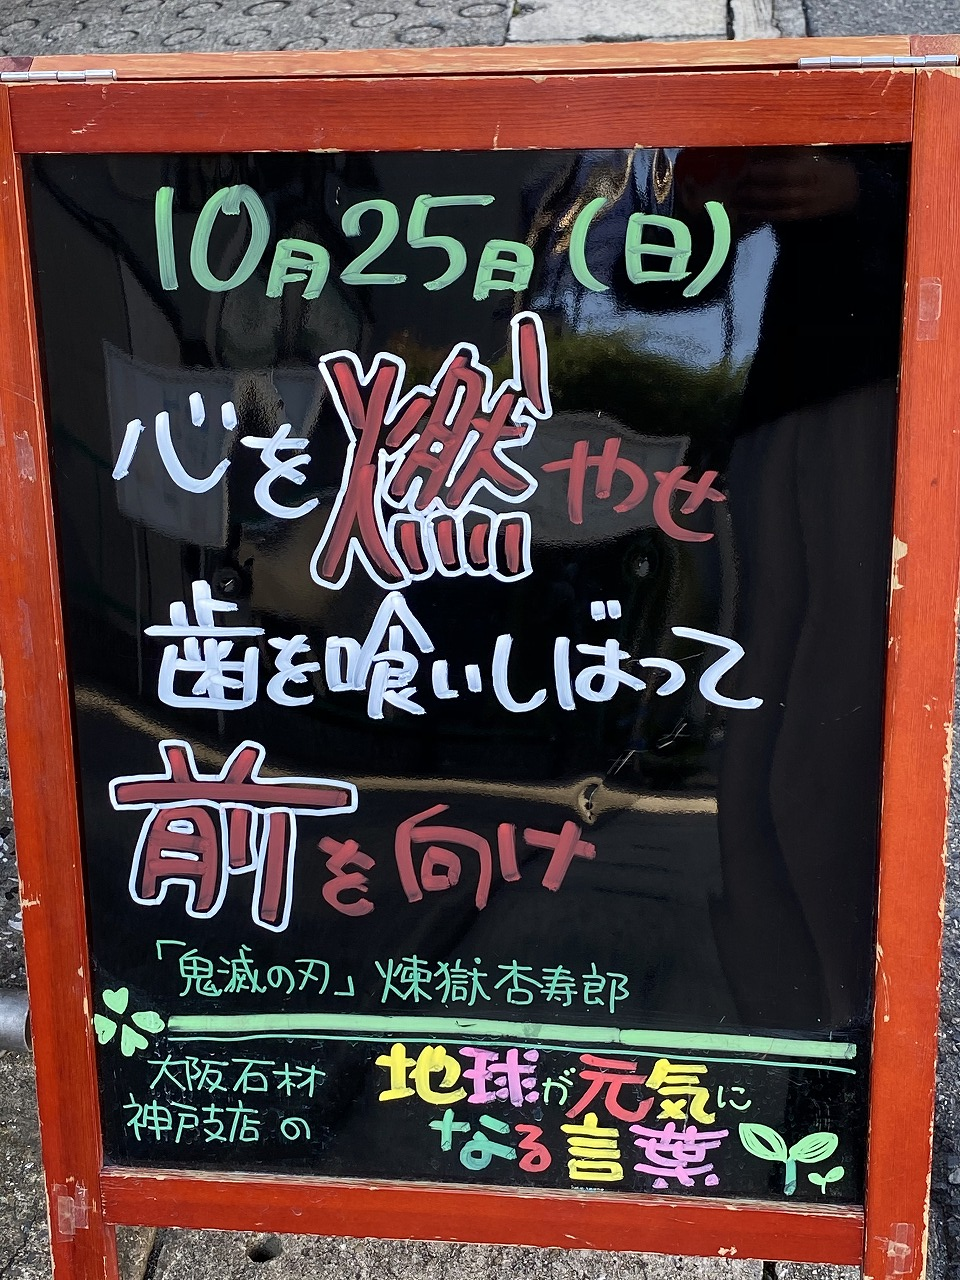 神戸の墓石店「地球が元気になる言葉」の写真 2020年10月25日